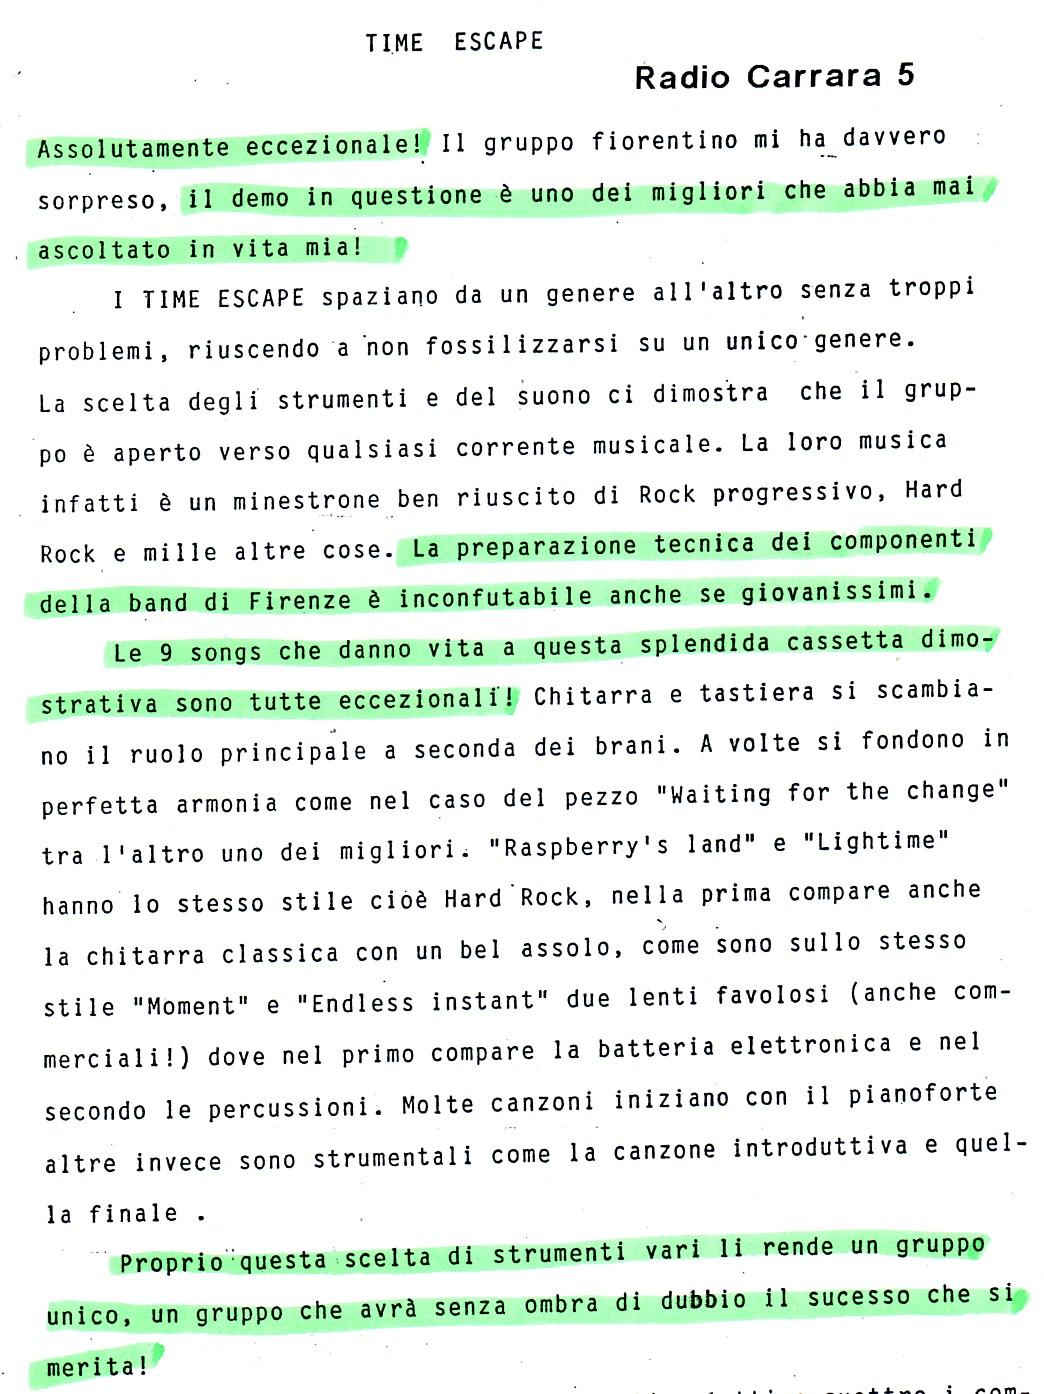 RADIO CARRARA (ITALY) - 1988